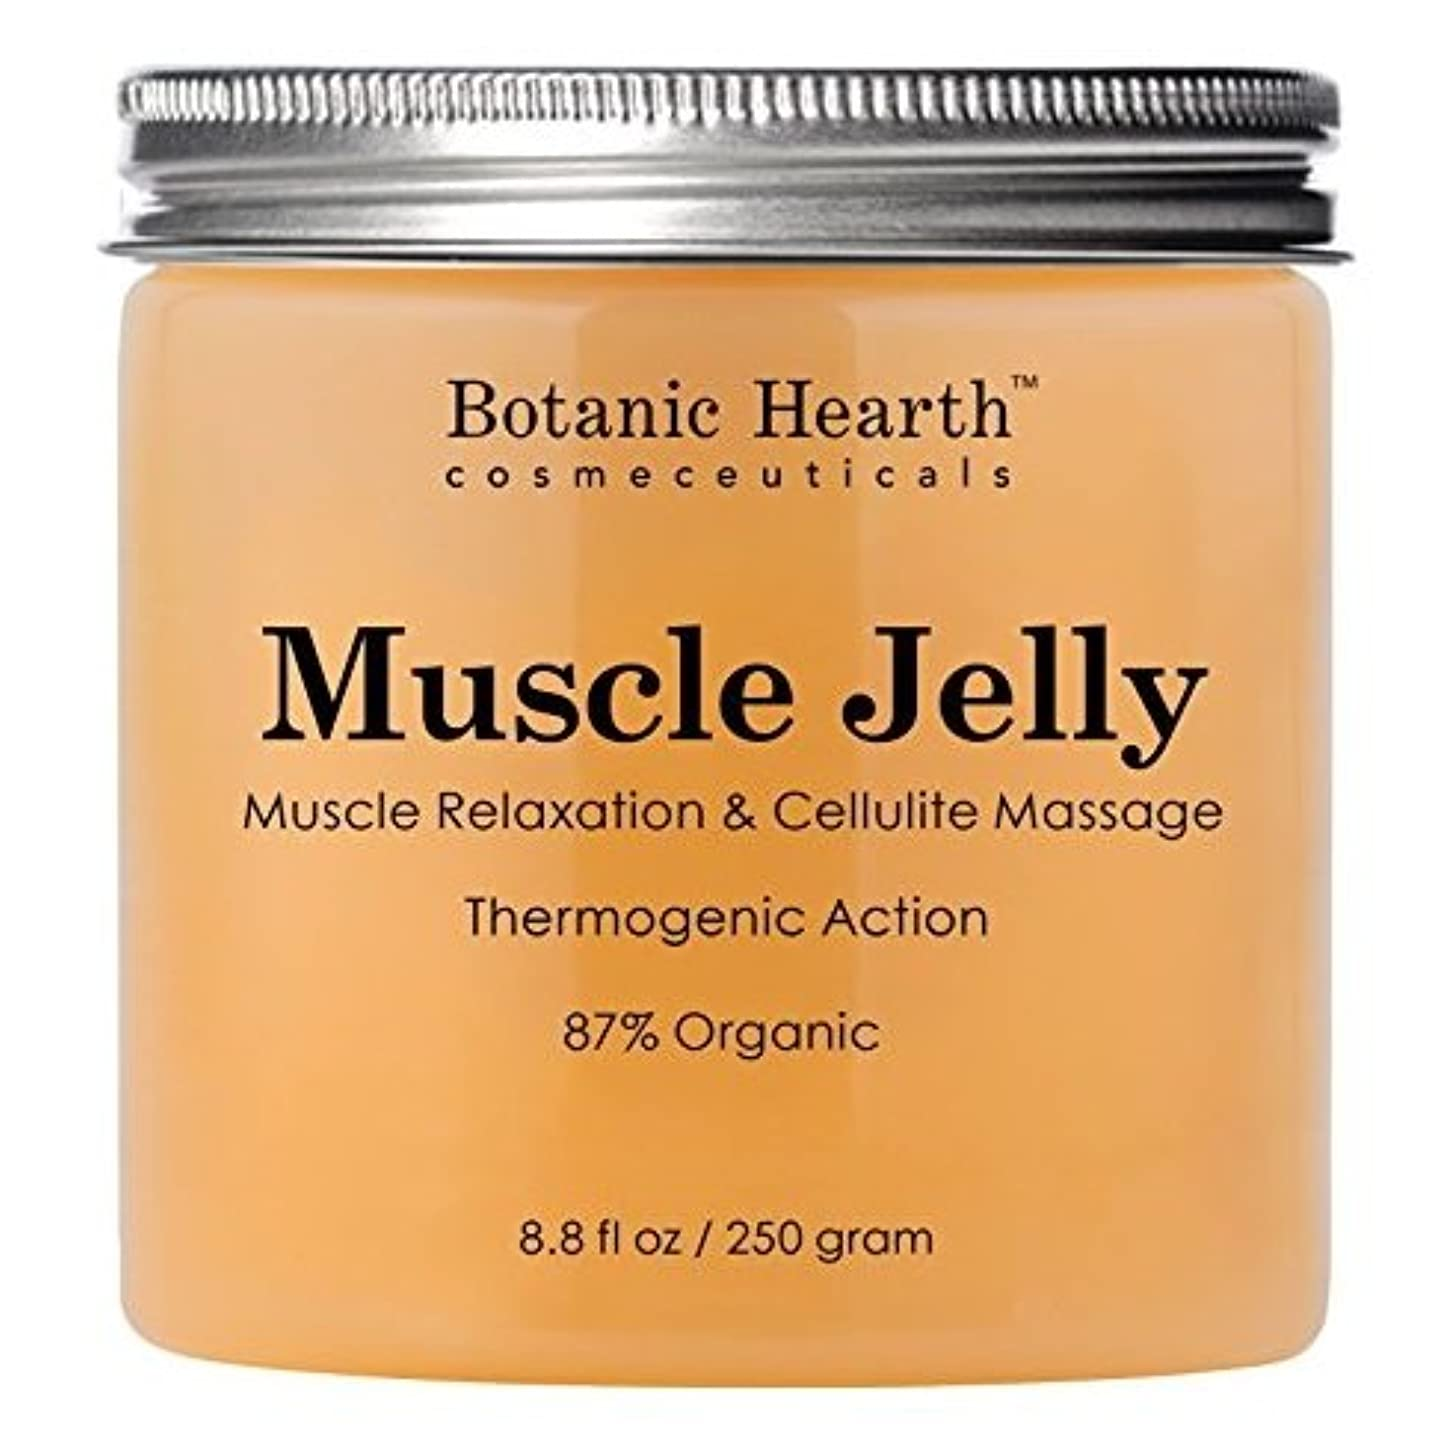 起きてイヤホン鉱石【2個】【海外直送品】Botanic Hearth Muscle Jelly Hot Cream 8.8 fl. oz.x2個セット